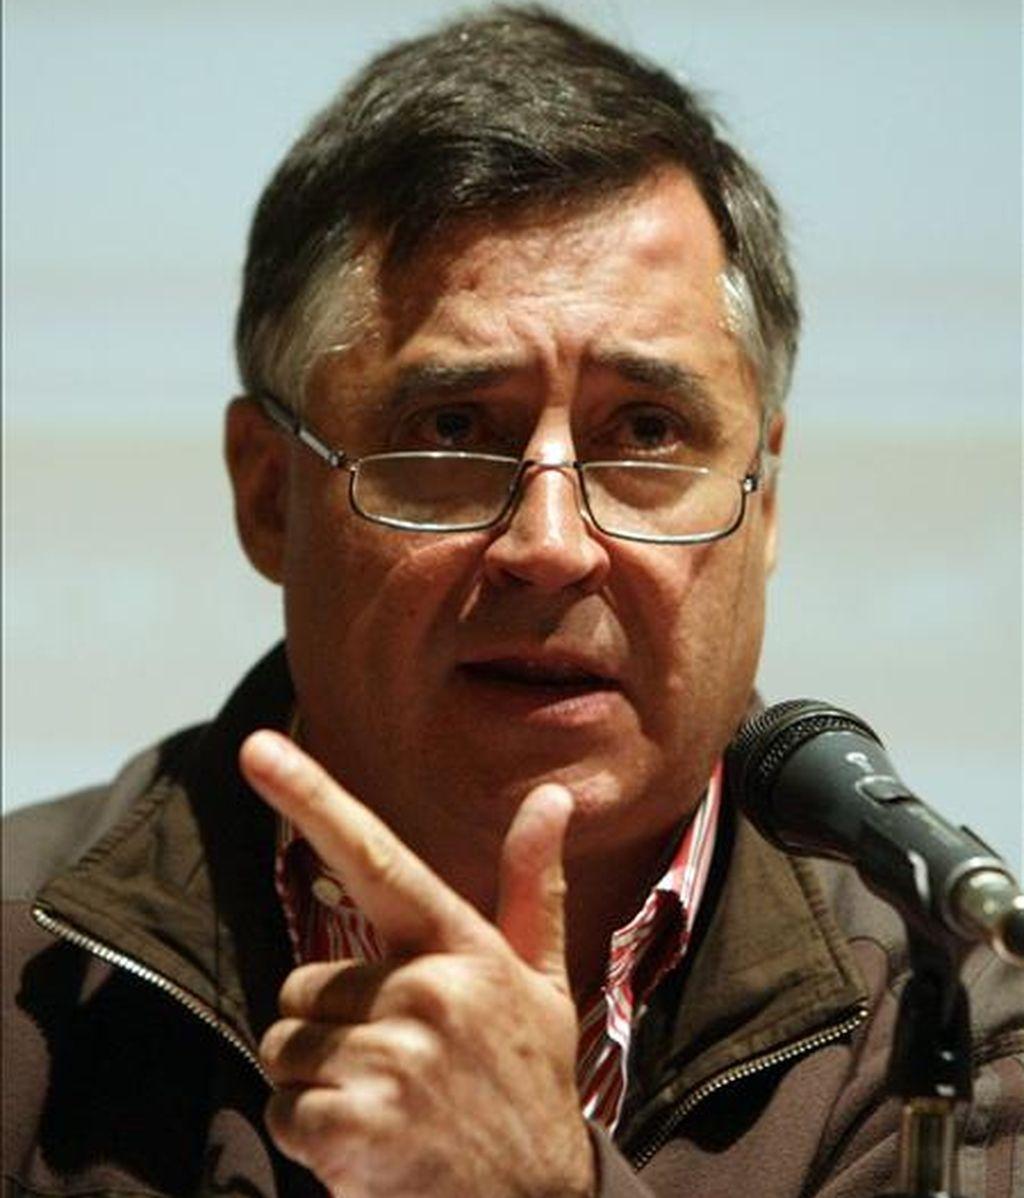 El periodista de guerra español Gervasio Sánchez. EFE/Archivo